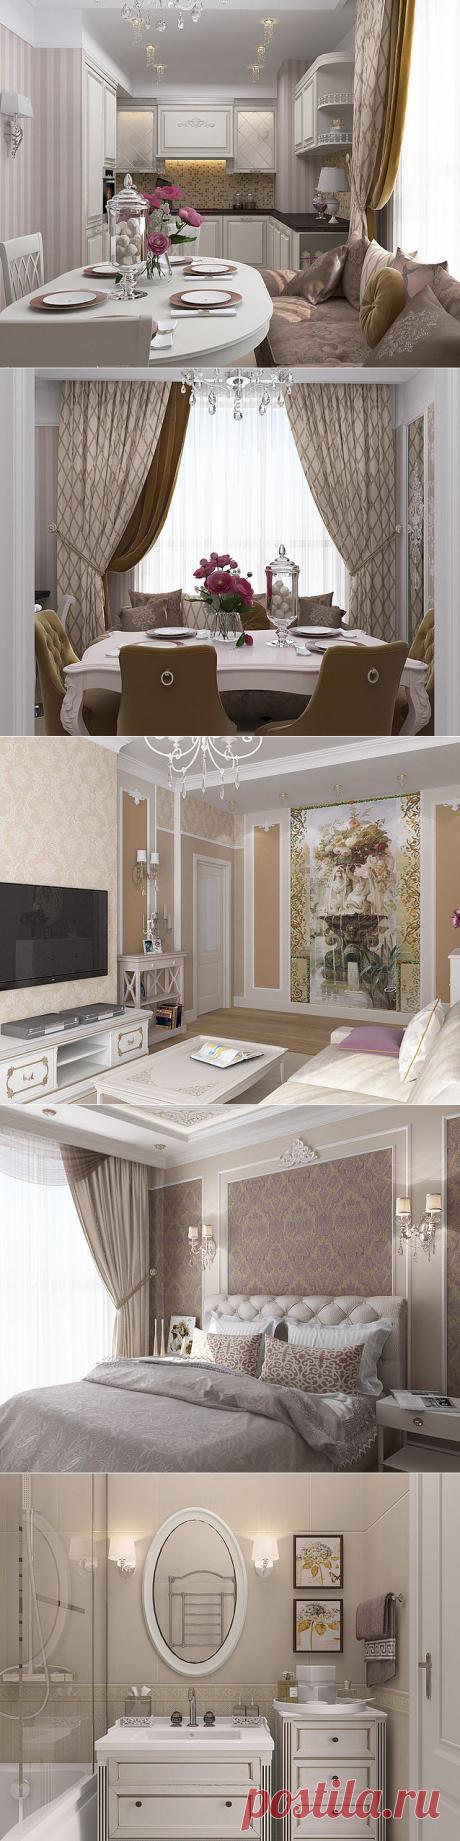 Проект квартиры для отдыха — Роскошь и уют